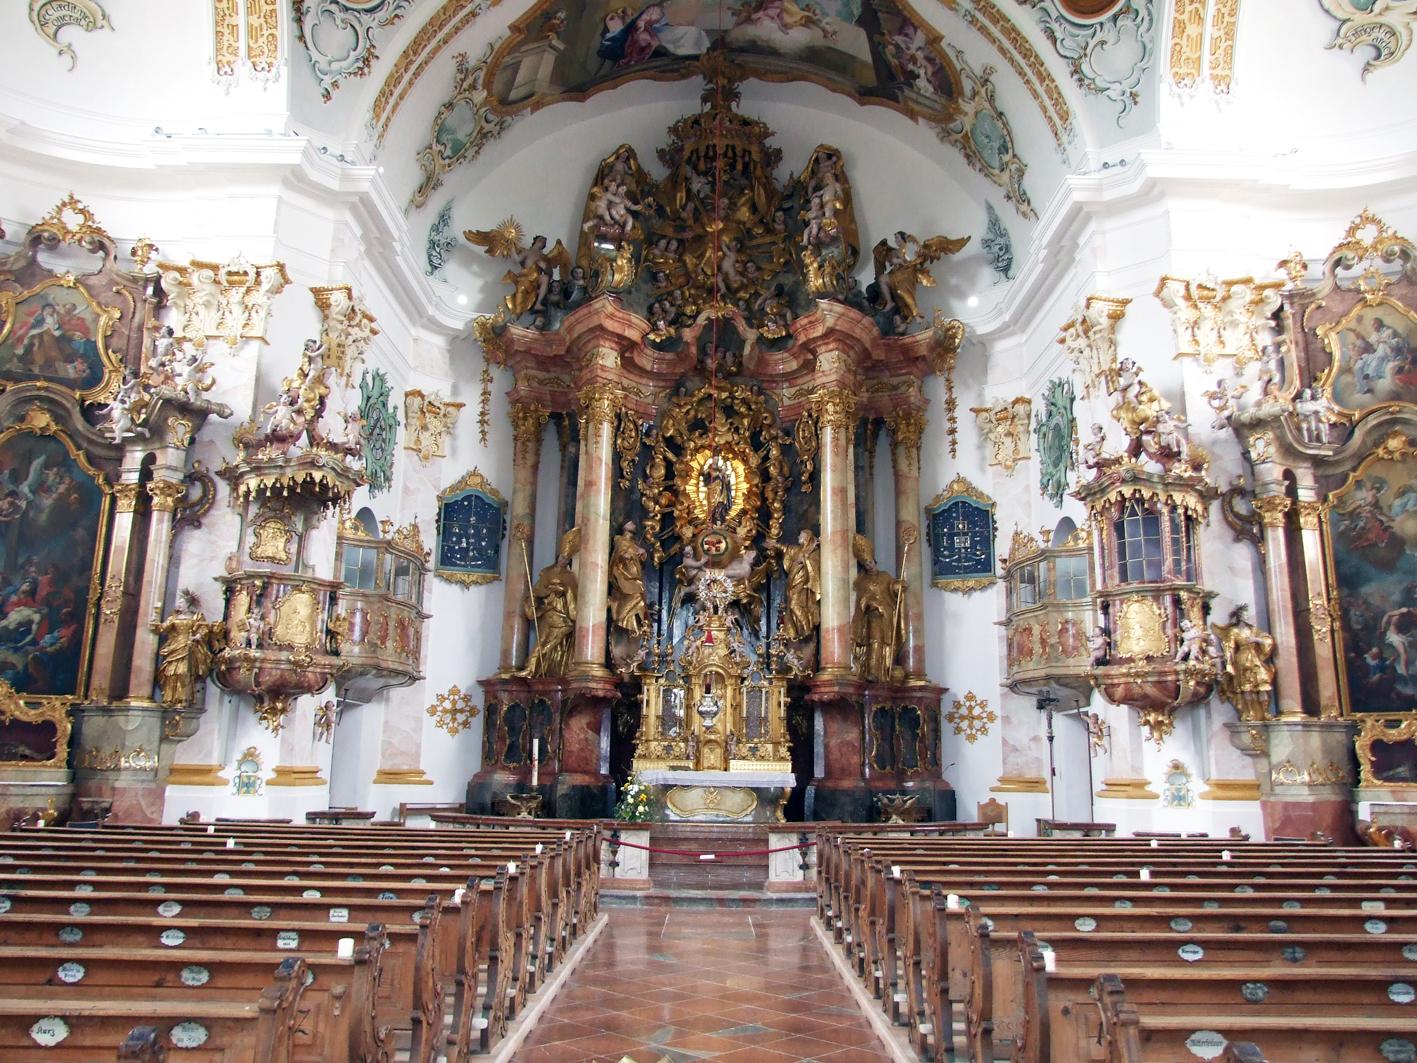 2021 06 07 aoelfb wallfahrtskirche marienberg1